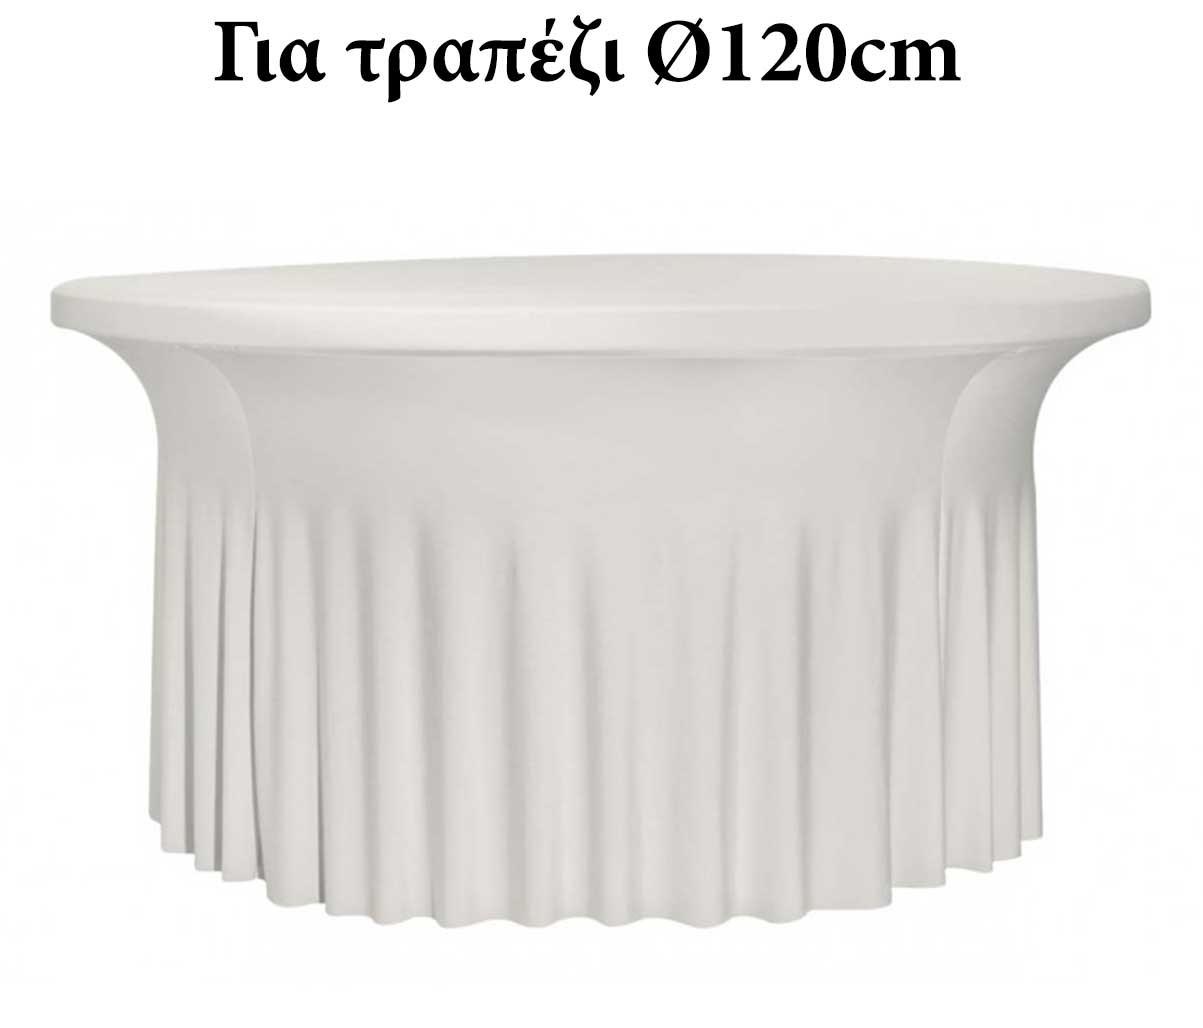 Ελαστικό κάλυμμα φούστα Stretch Wave για ροτόντα Ø120cm